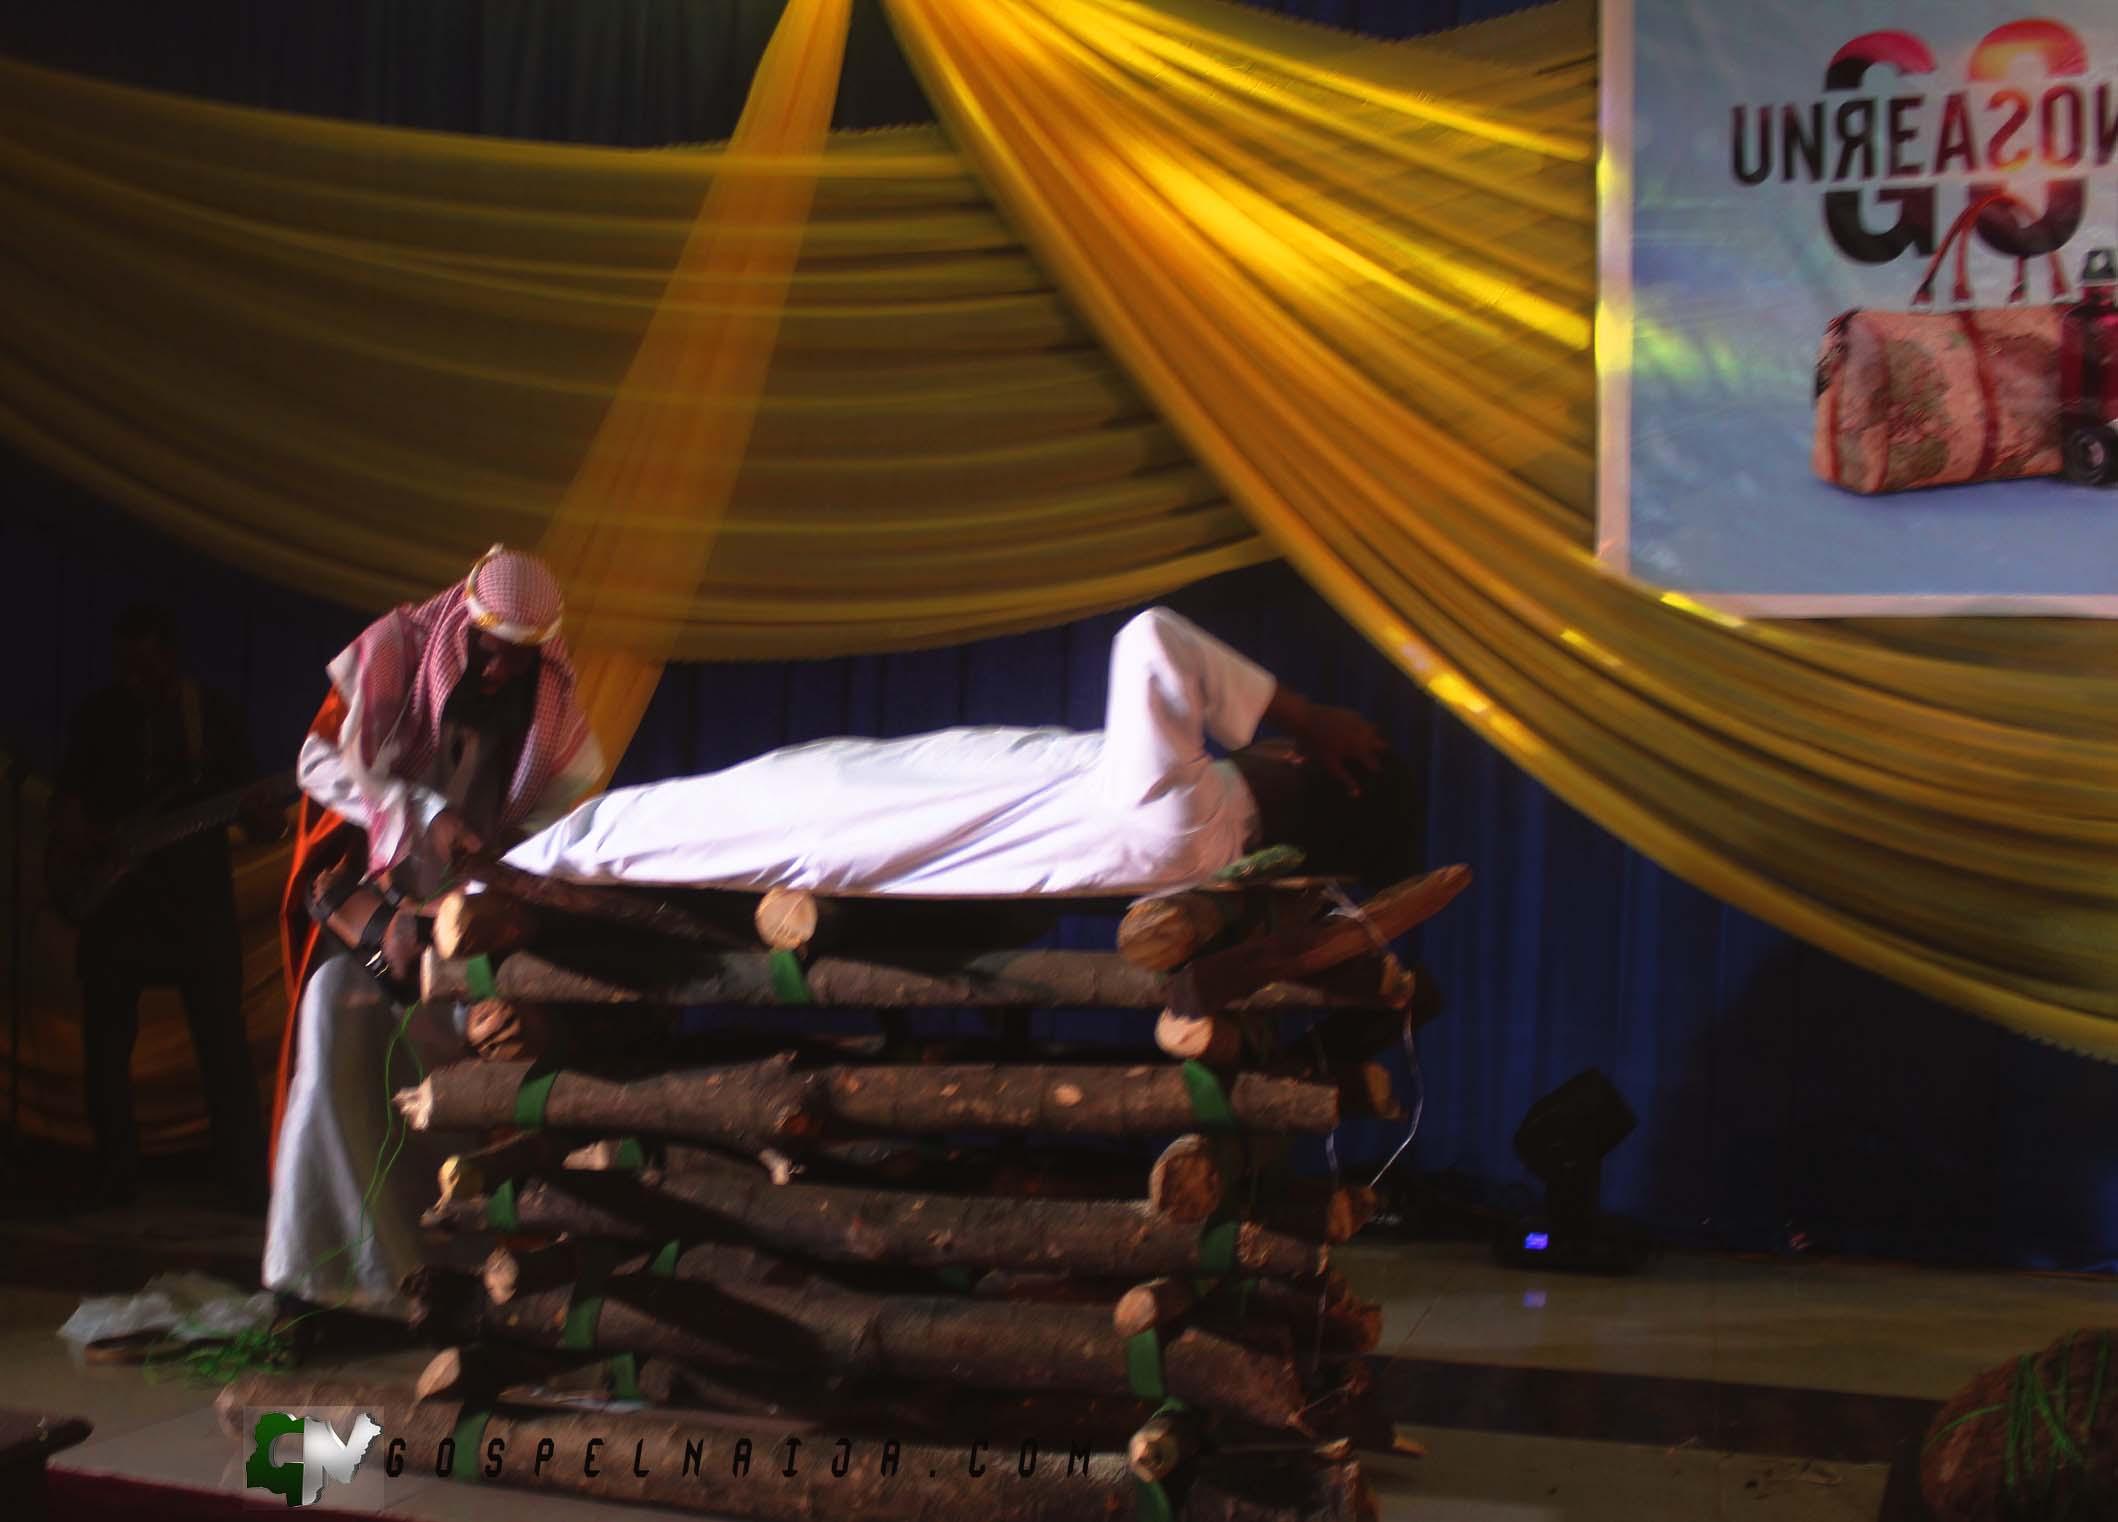 UNREASONABLE GOD with Damola Akiogbe WAYA 2017 [@DamolaWAYA] (31)